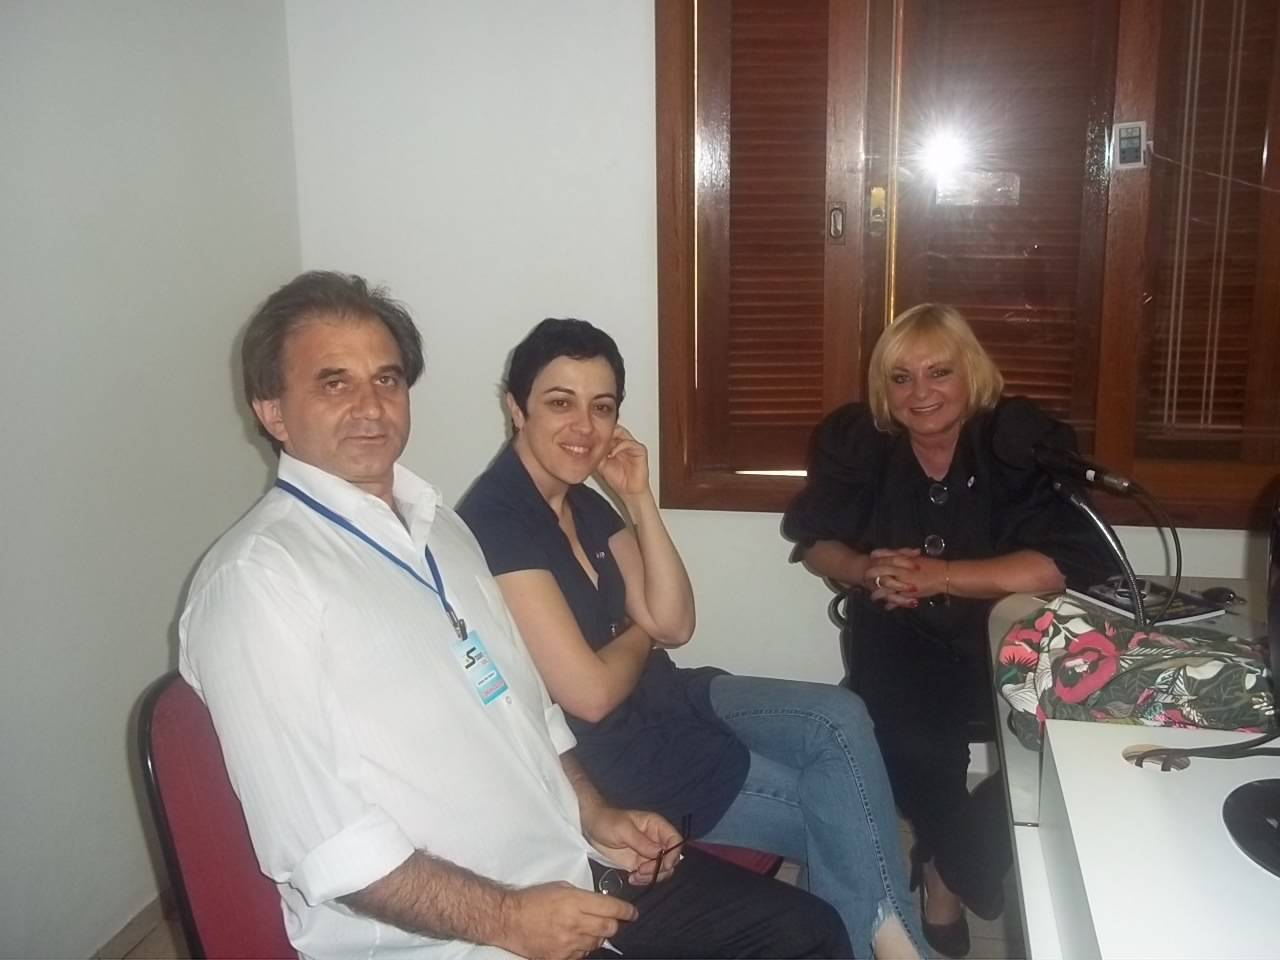 Airton Engster dos Santos, Márcia Tiburi e Belkis Carolina Calsa